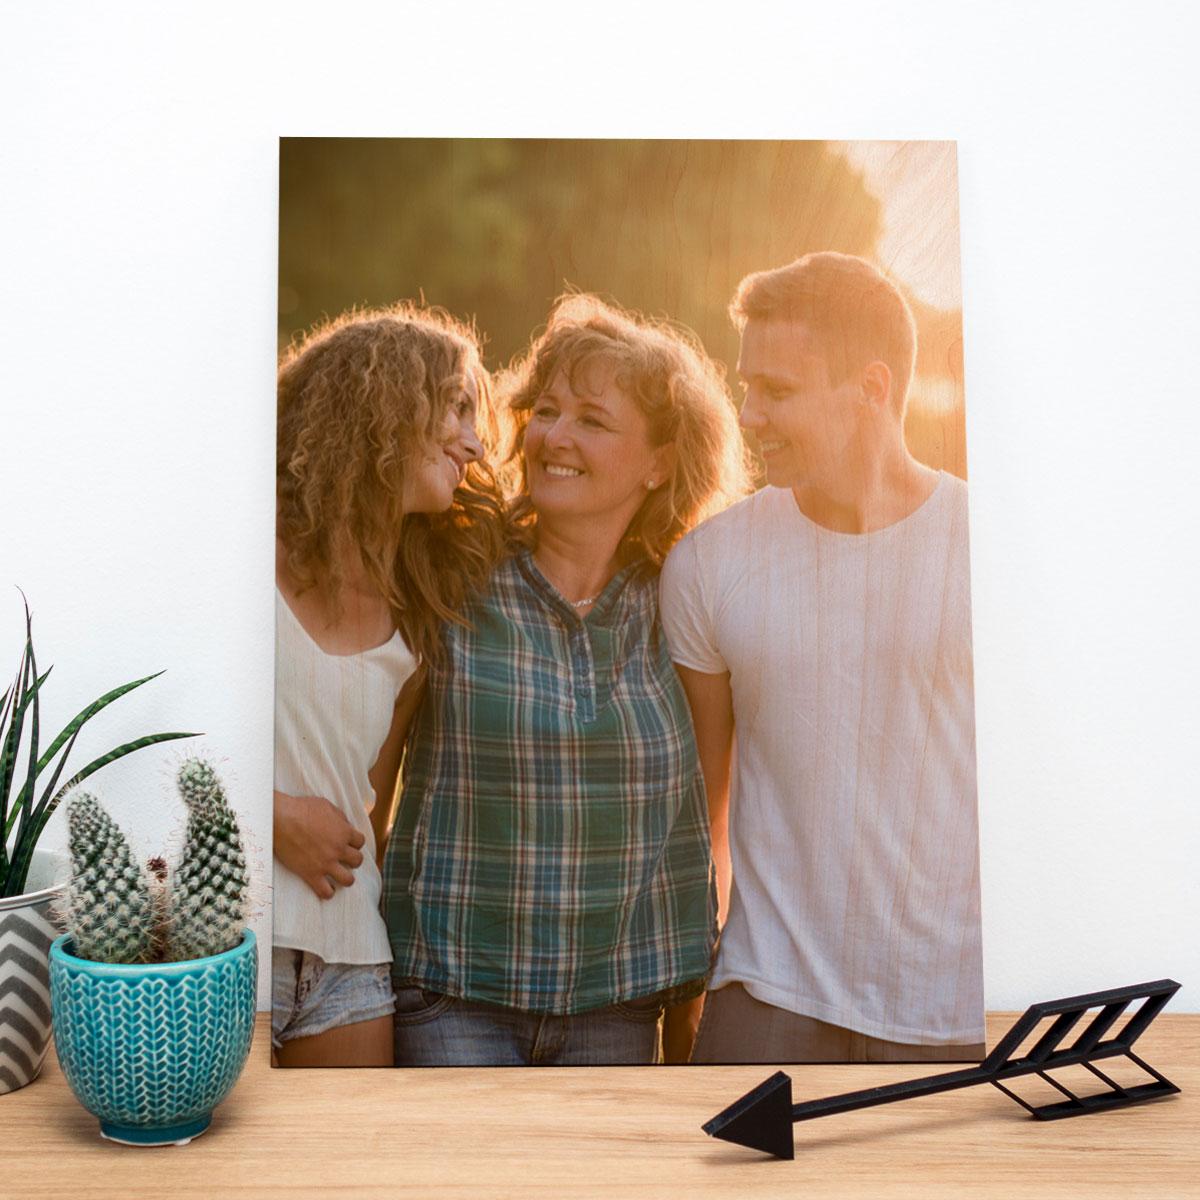 Geschenke für Eltern | personalisierbare Geschenke für Mama & Papa